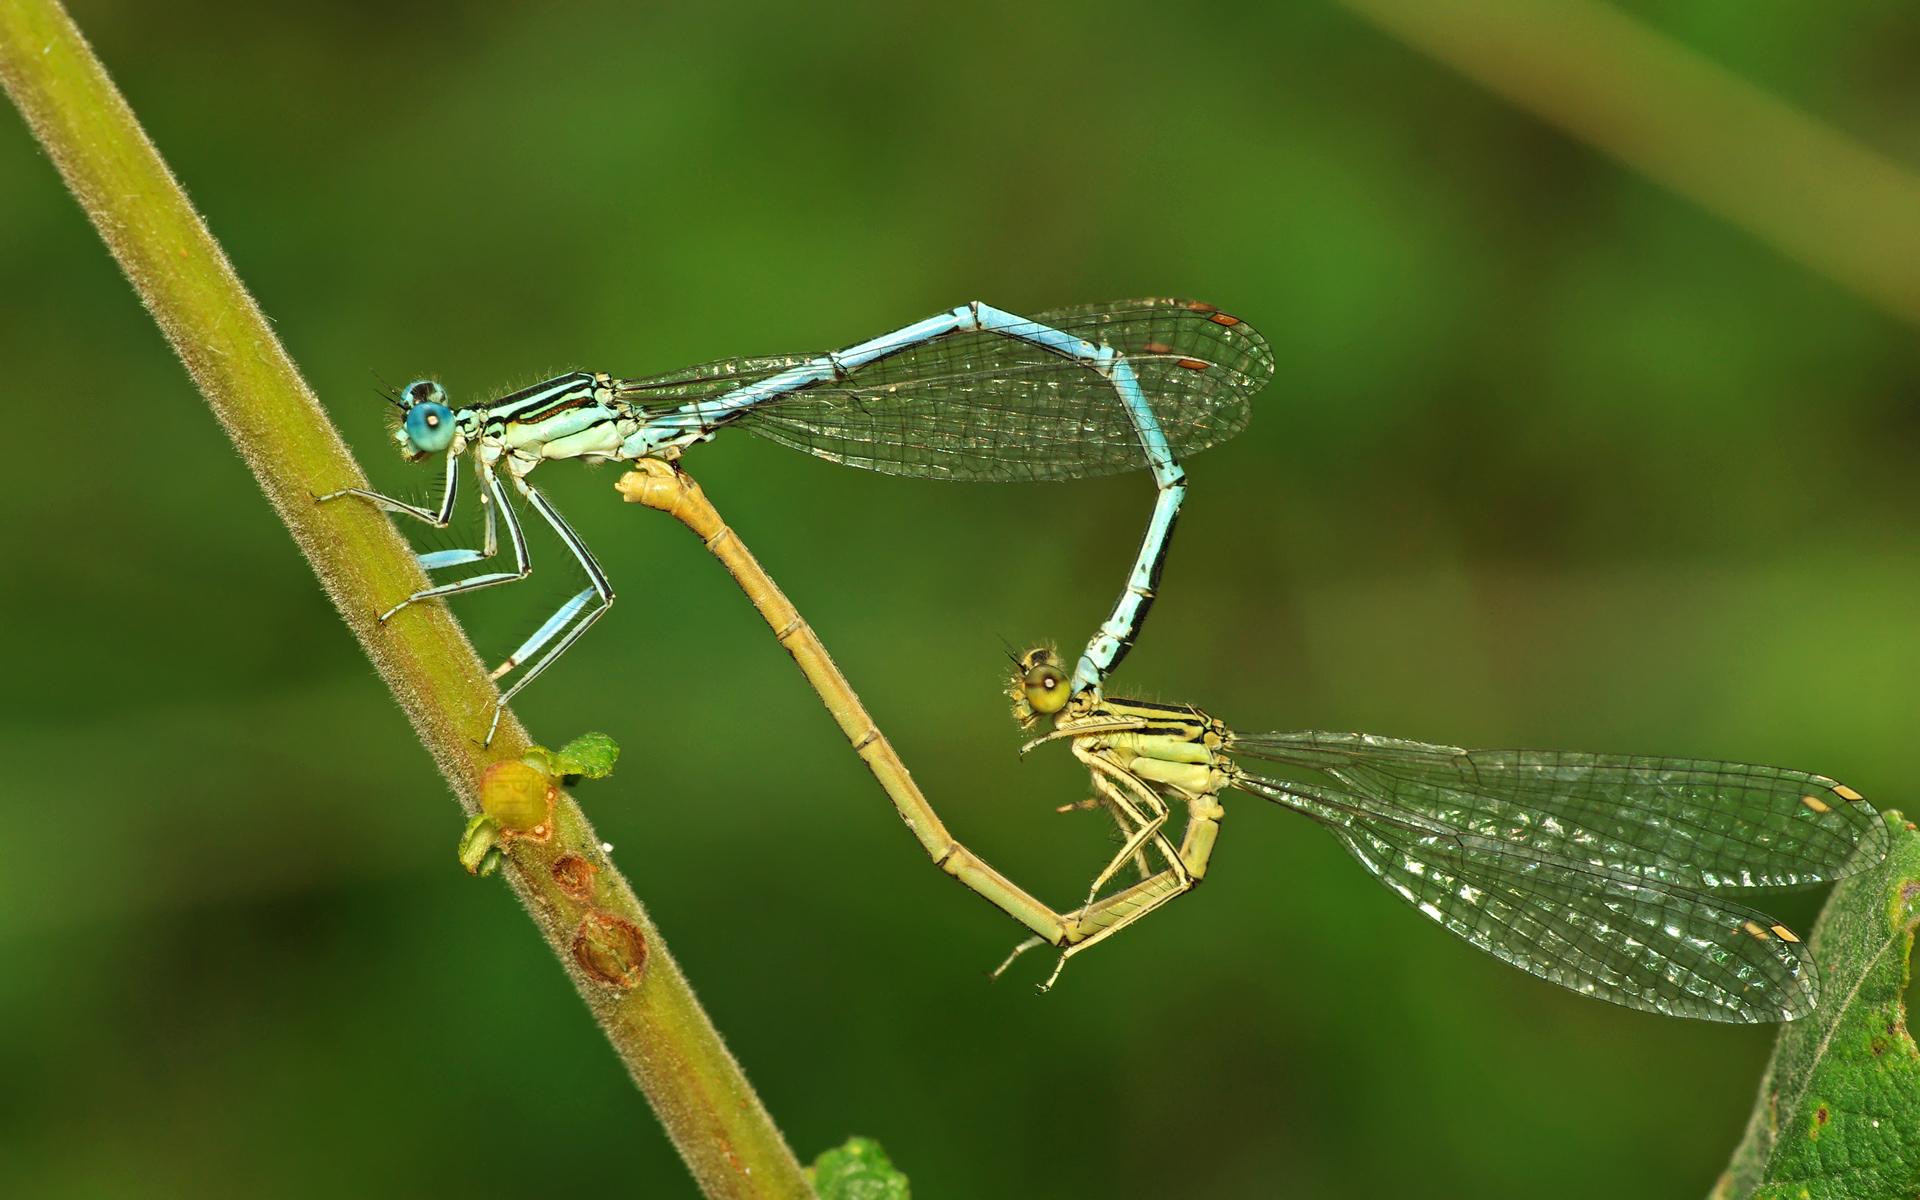 природа макро животные насекомое стрекоза  № 2748098 бесплатно